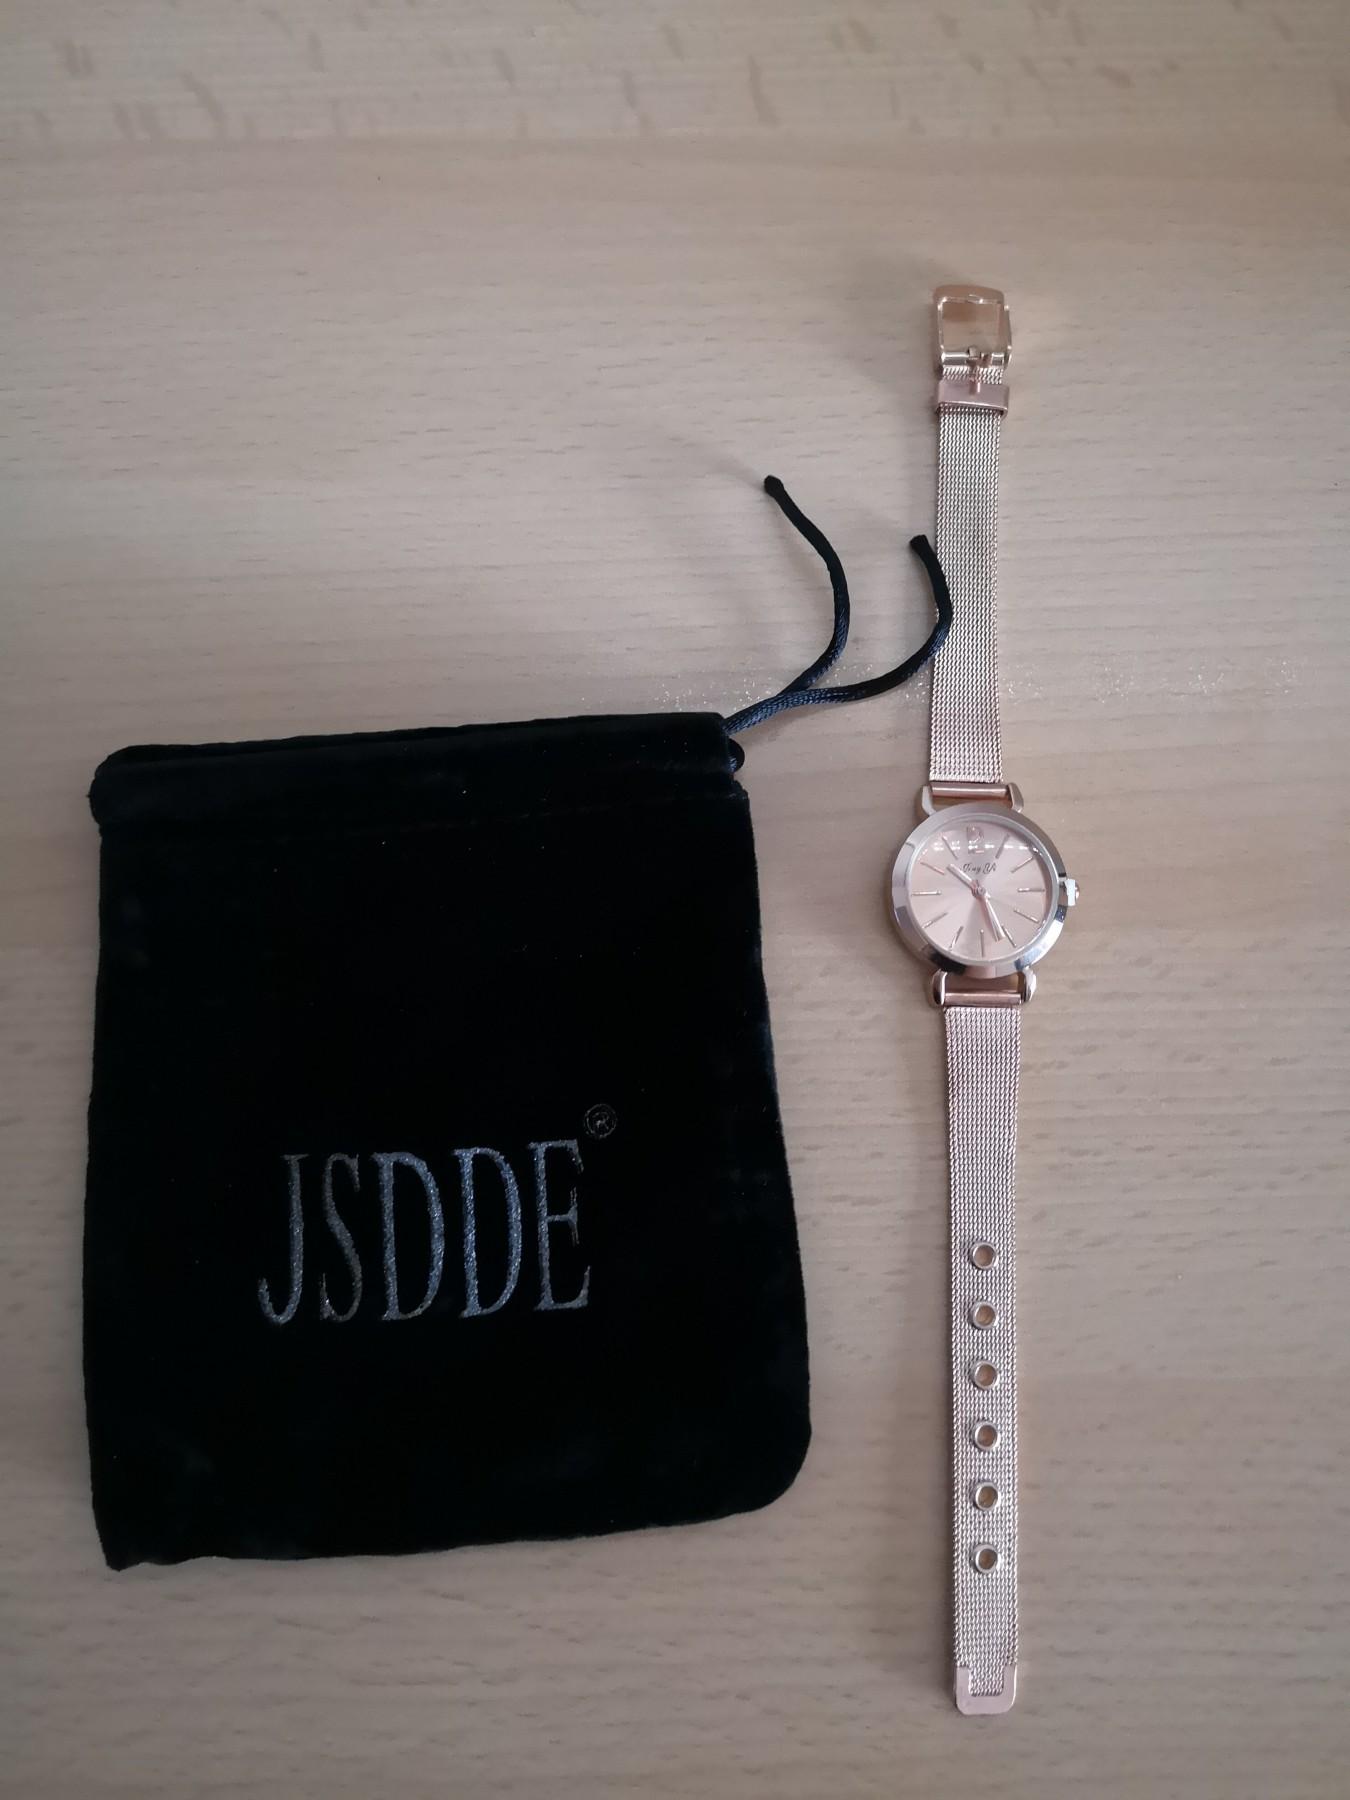 Sehr schöne und preiswerte Uhr